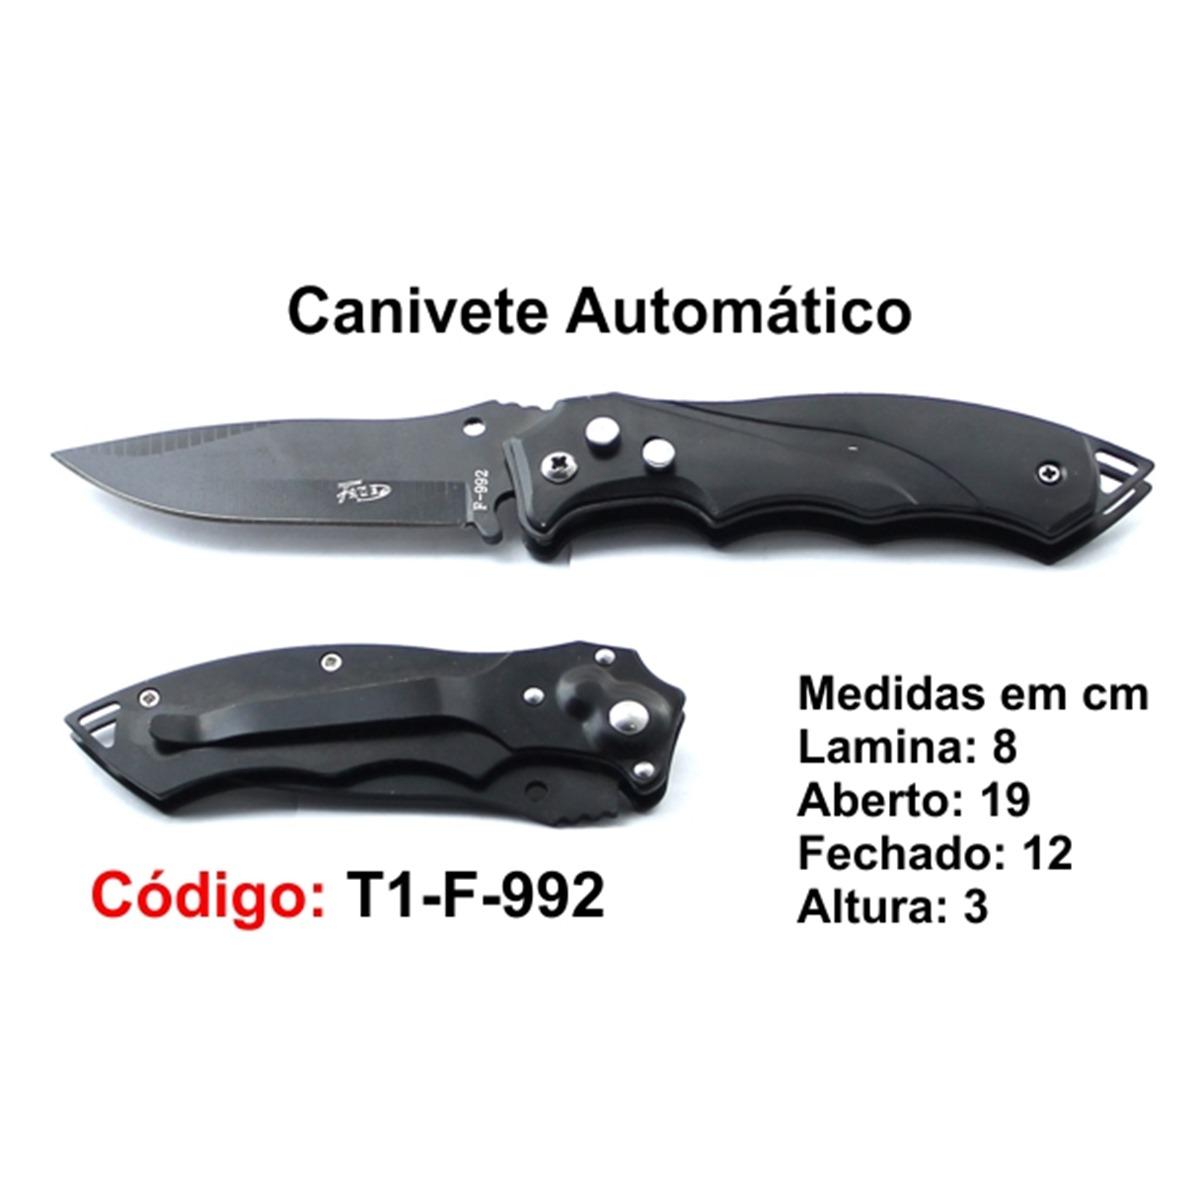 Canivete Esportivo Automático Caça Pesca Etc. T1-F-992